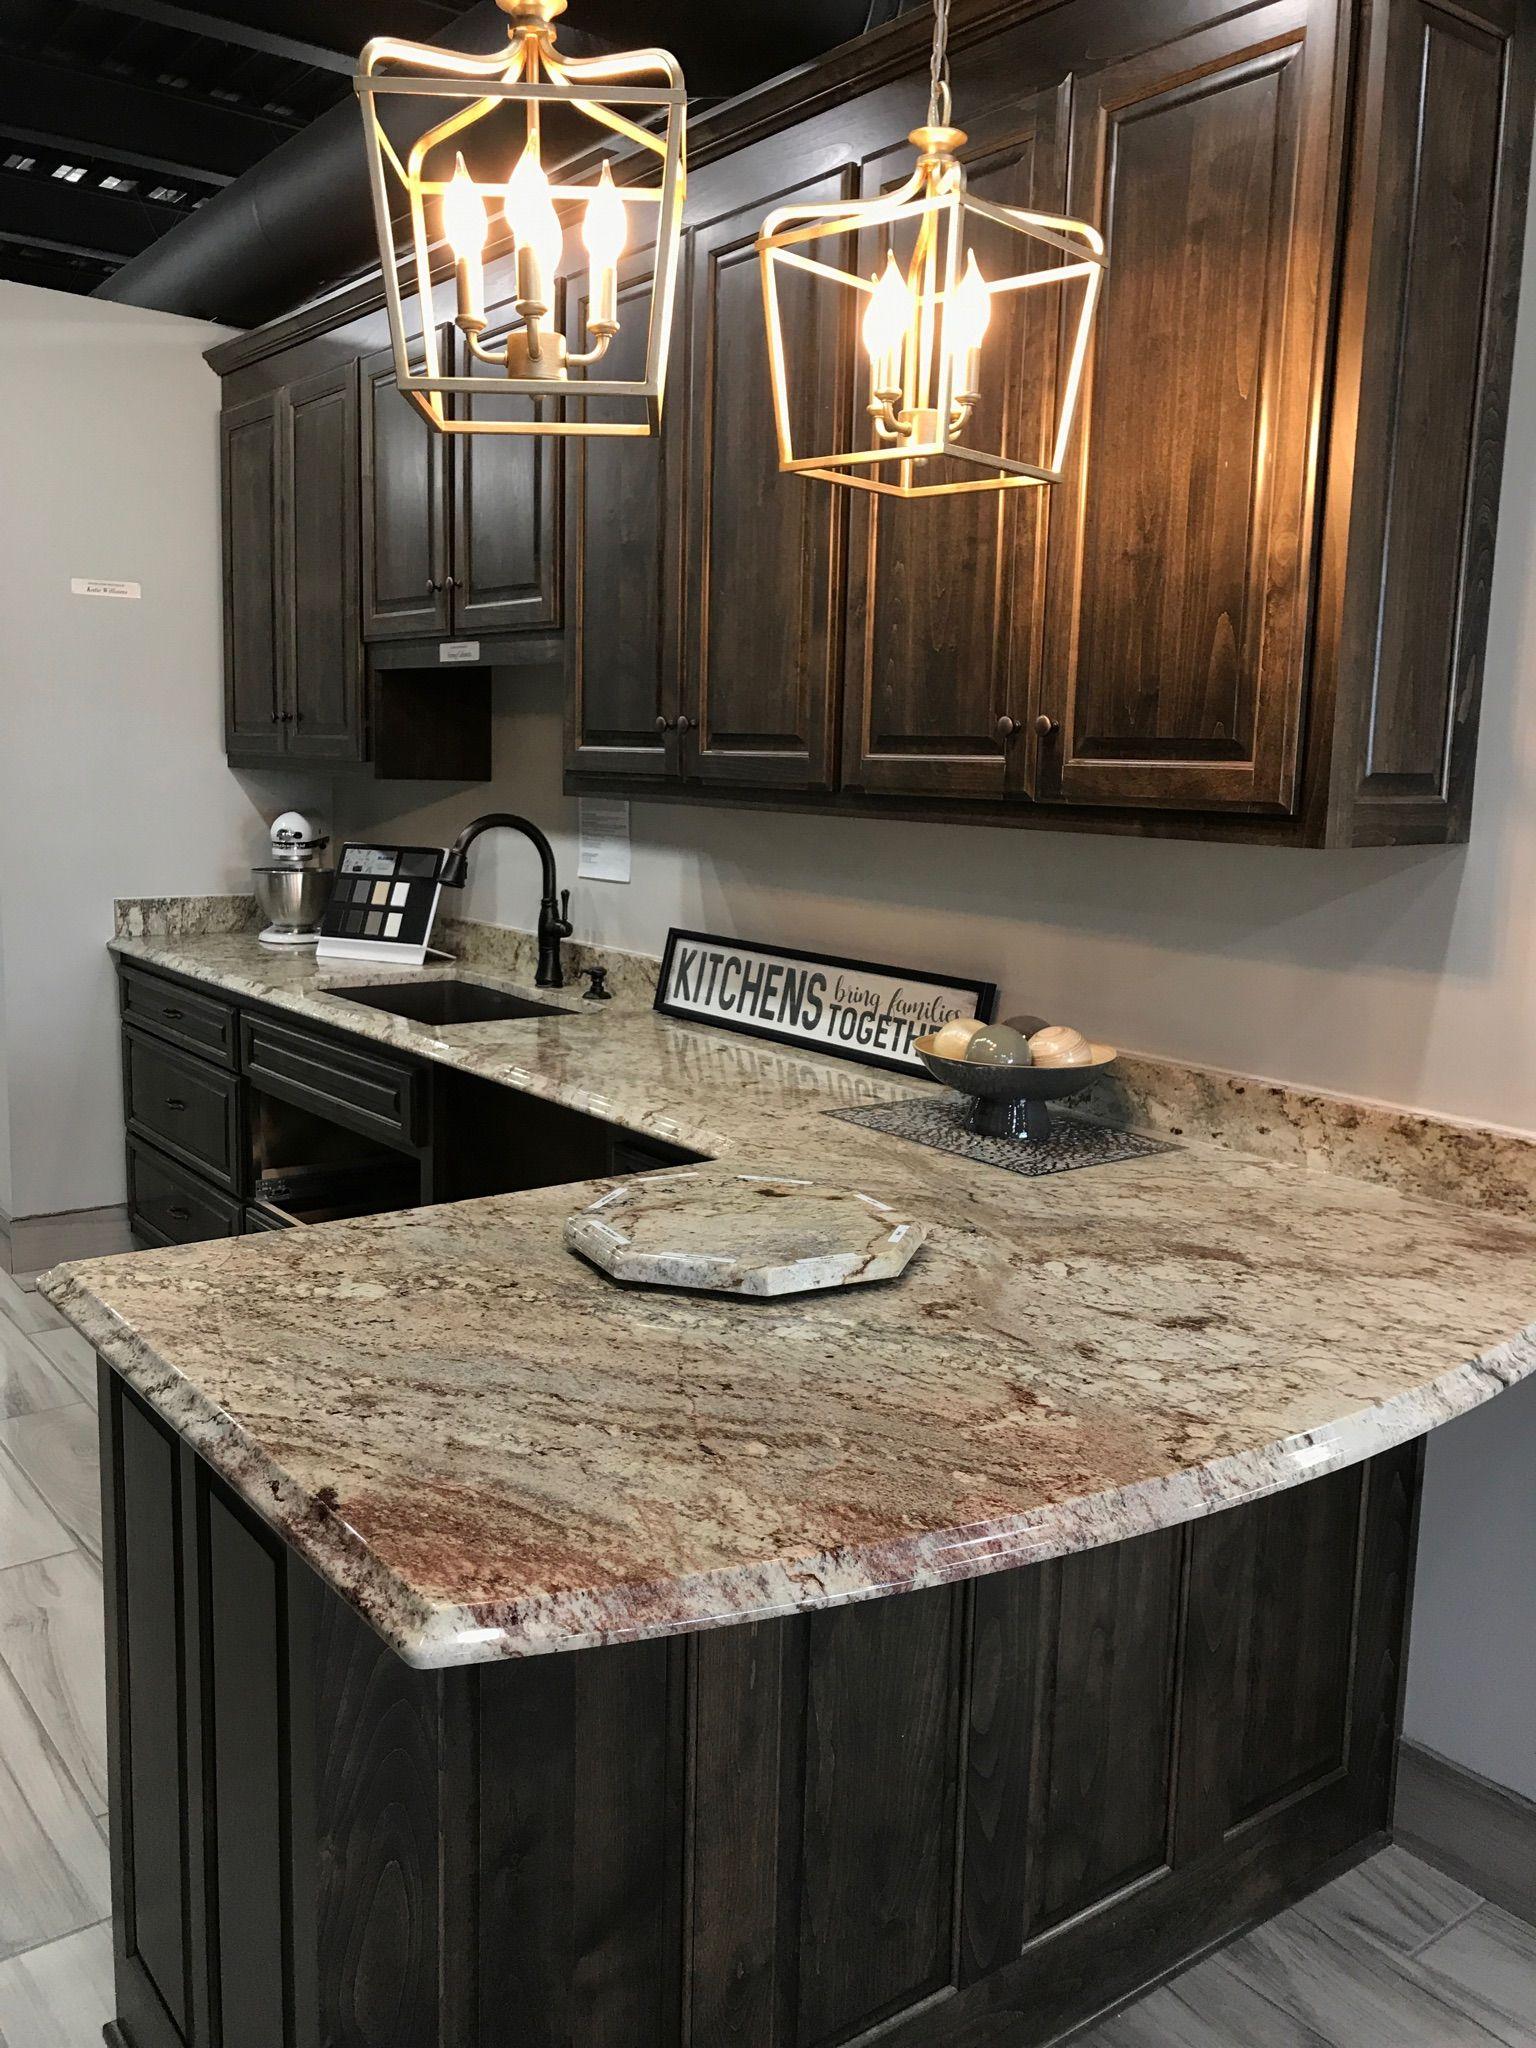 Intellistone Franklin Tn Kitchen Cabinets Countertops Home Decor